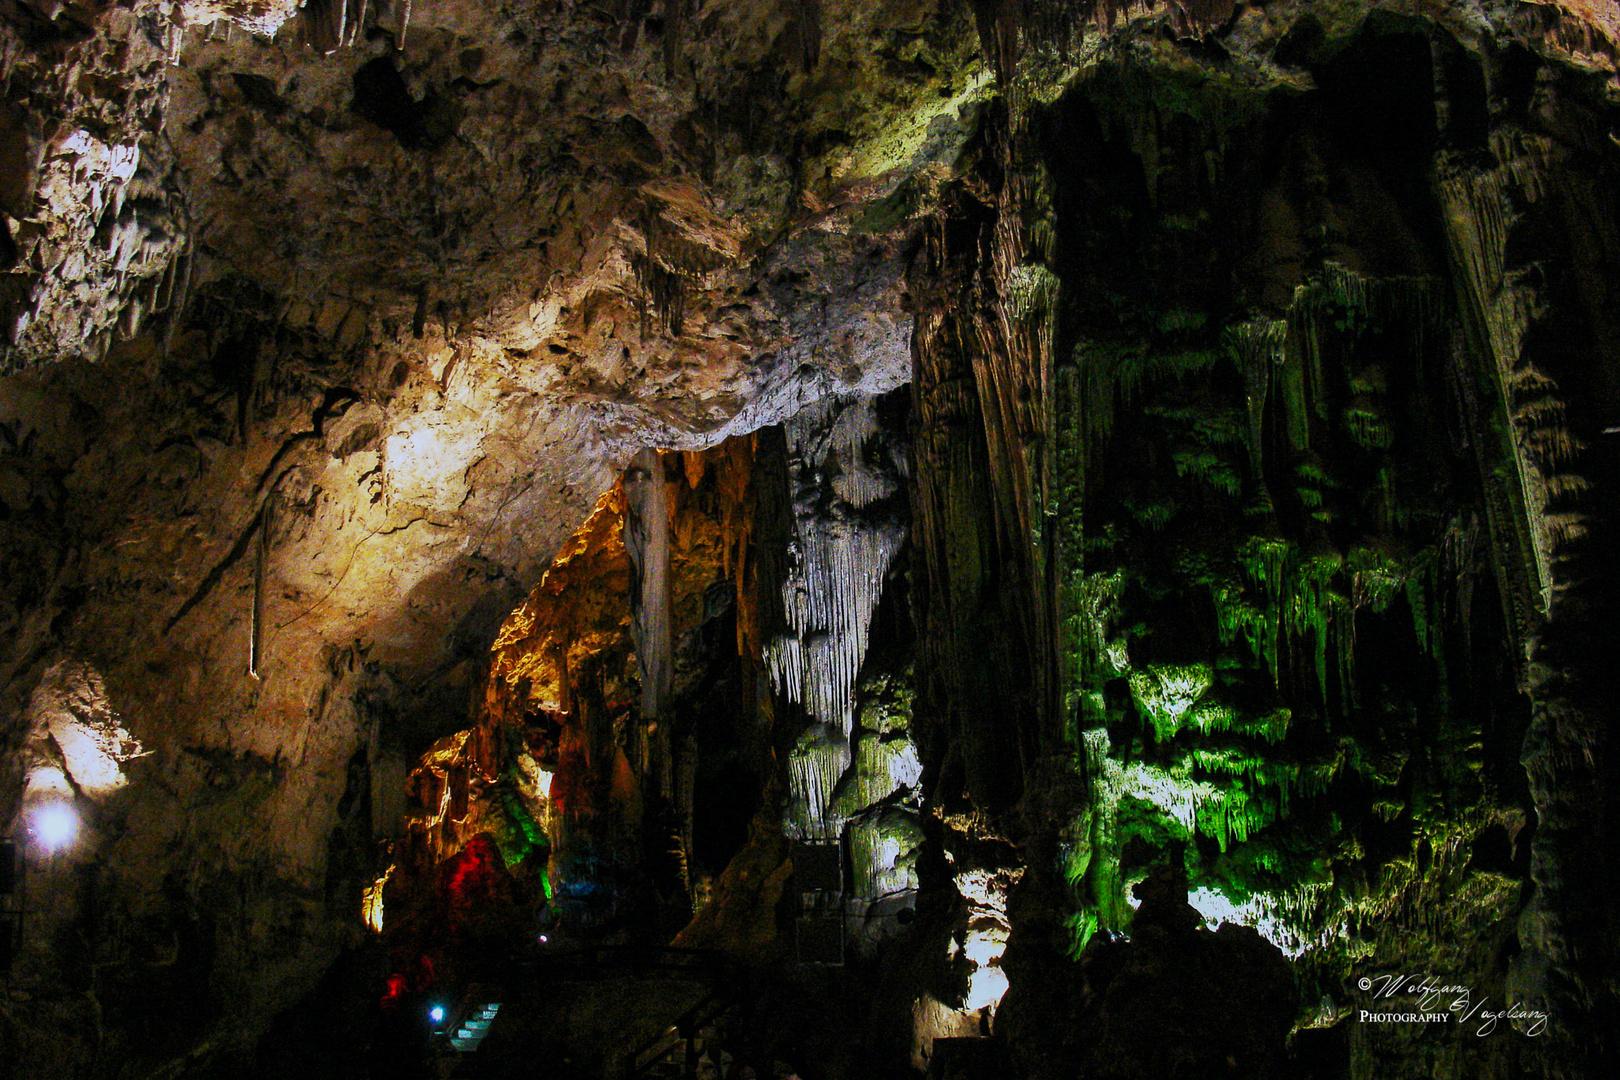 Gorham-Caves (Gibraltar)